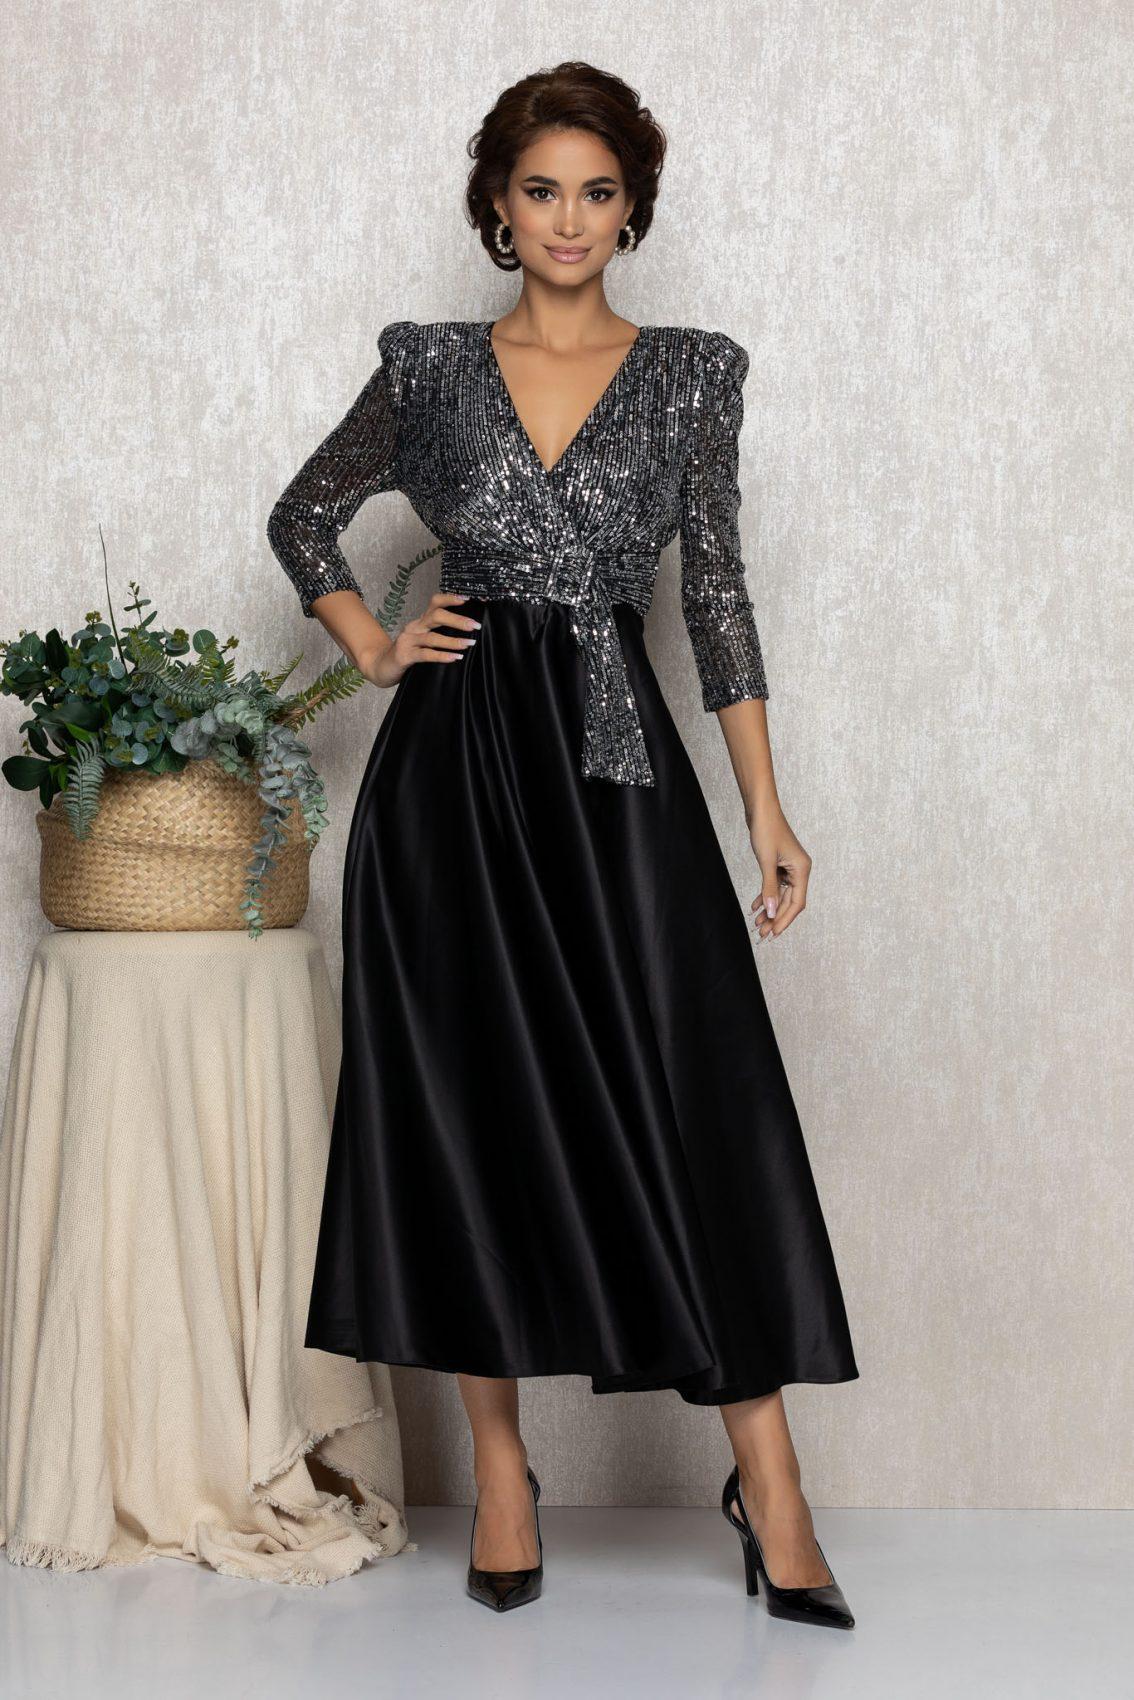 Μαύρο Σατέν Μίντι Βραδινό Φόρεμα Sparkle T240 1